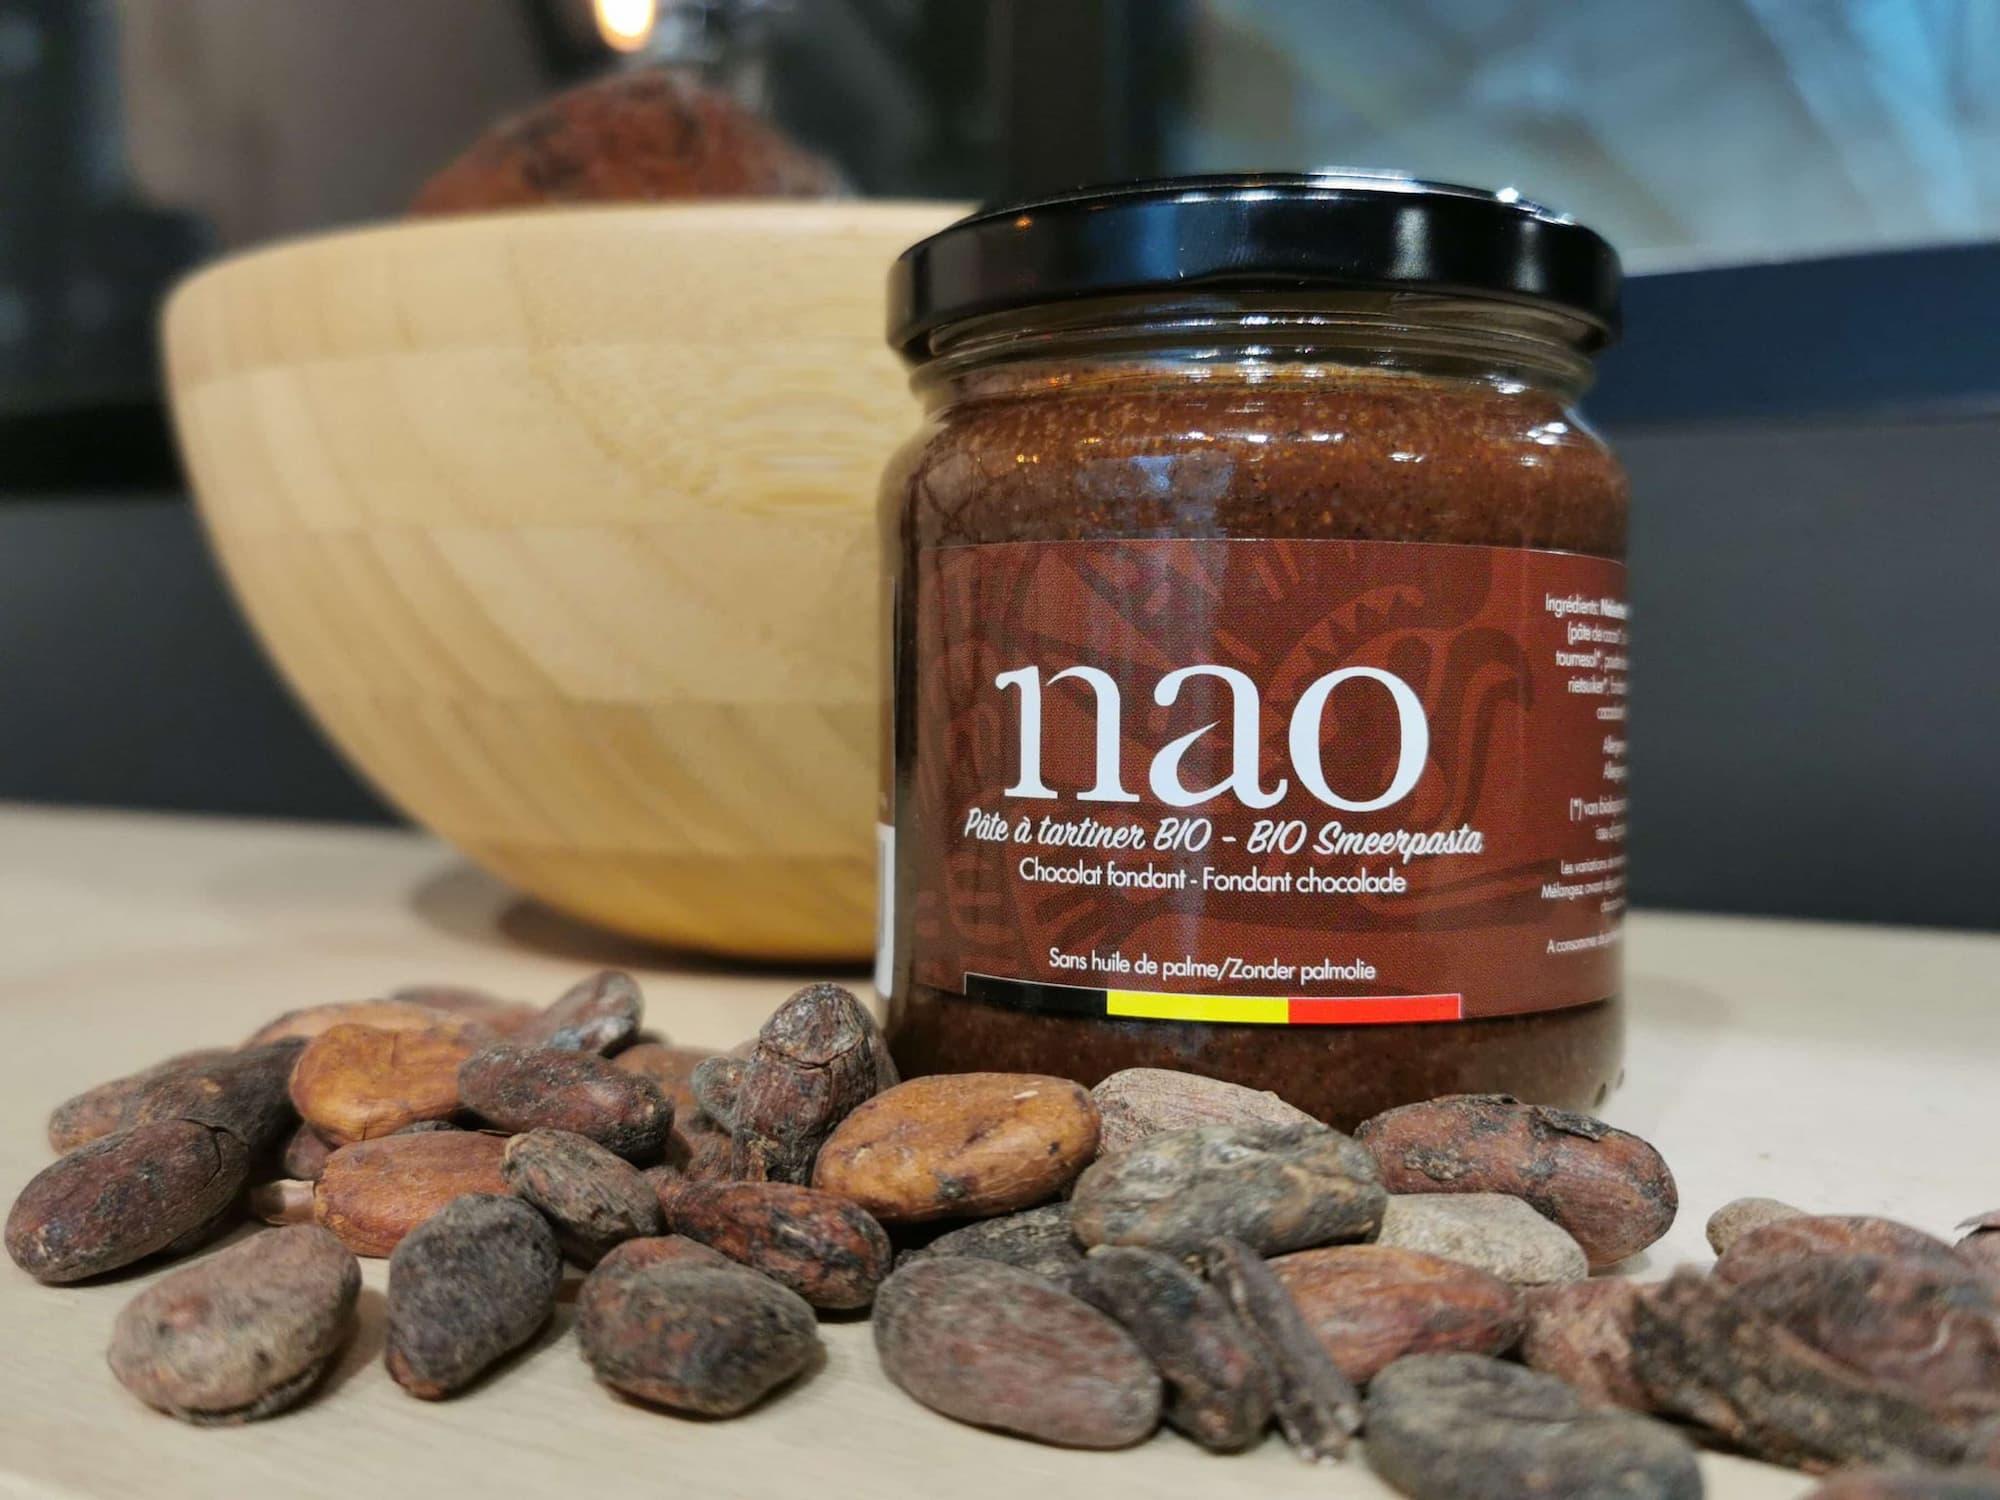 Pure smeerpasta van Nao zonder palmolie de palme